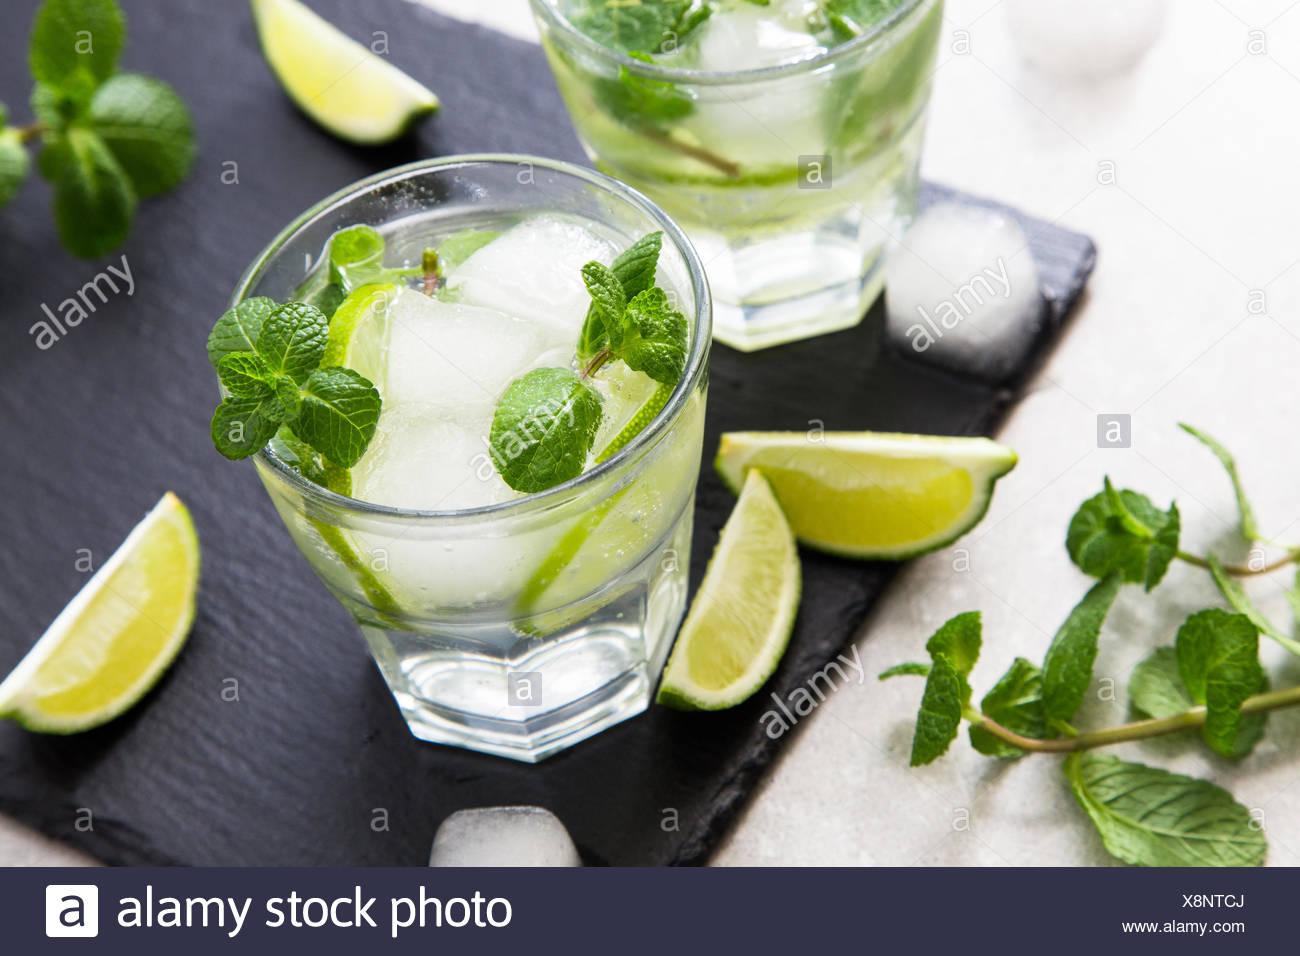 Rempli de limonade d'été mojito dans un verre sur un fond noir en ardoise et du conseil. Photo Stock